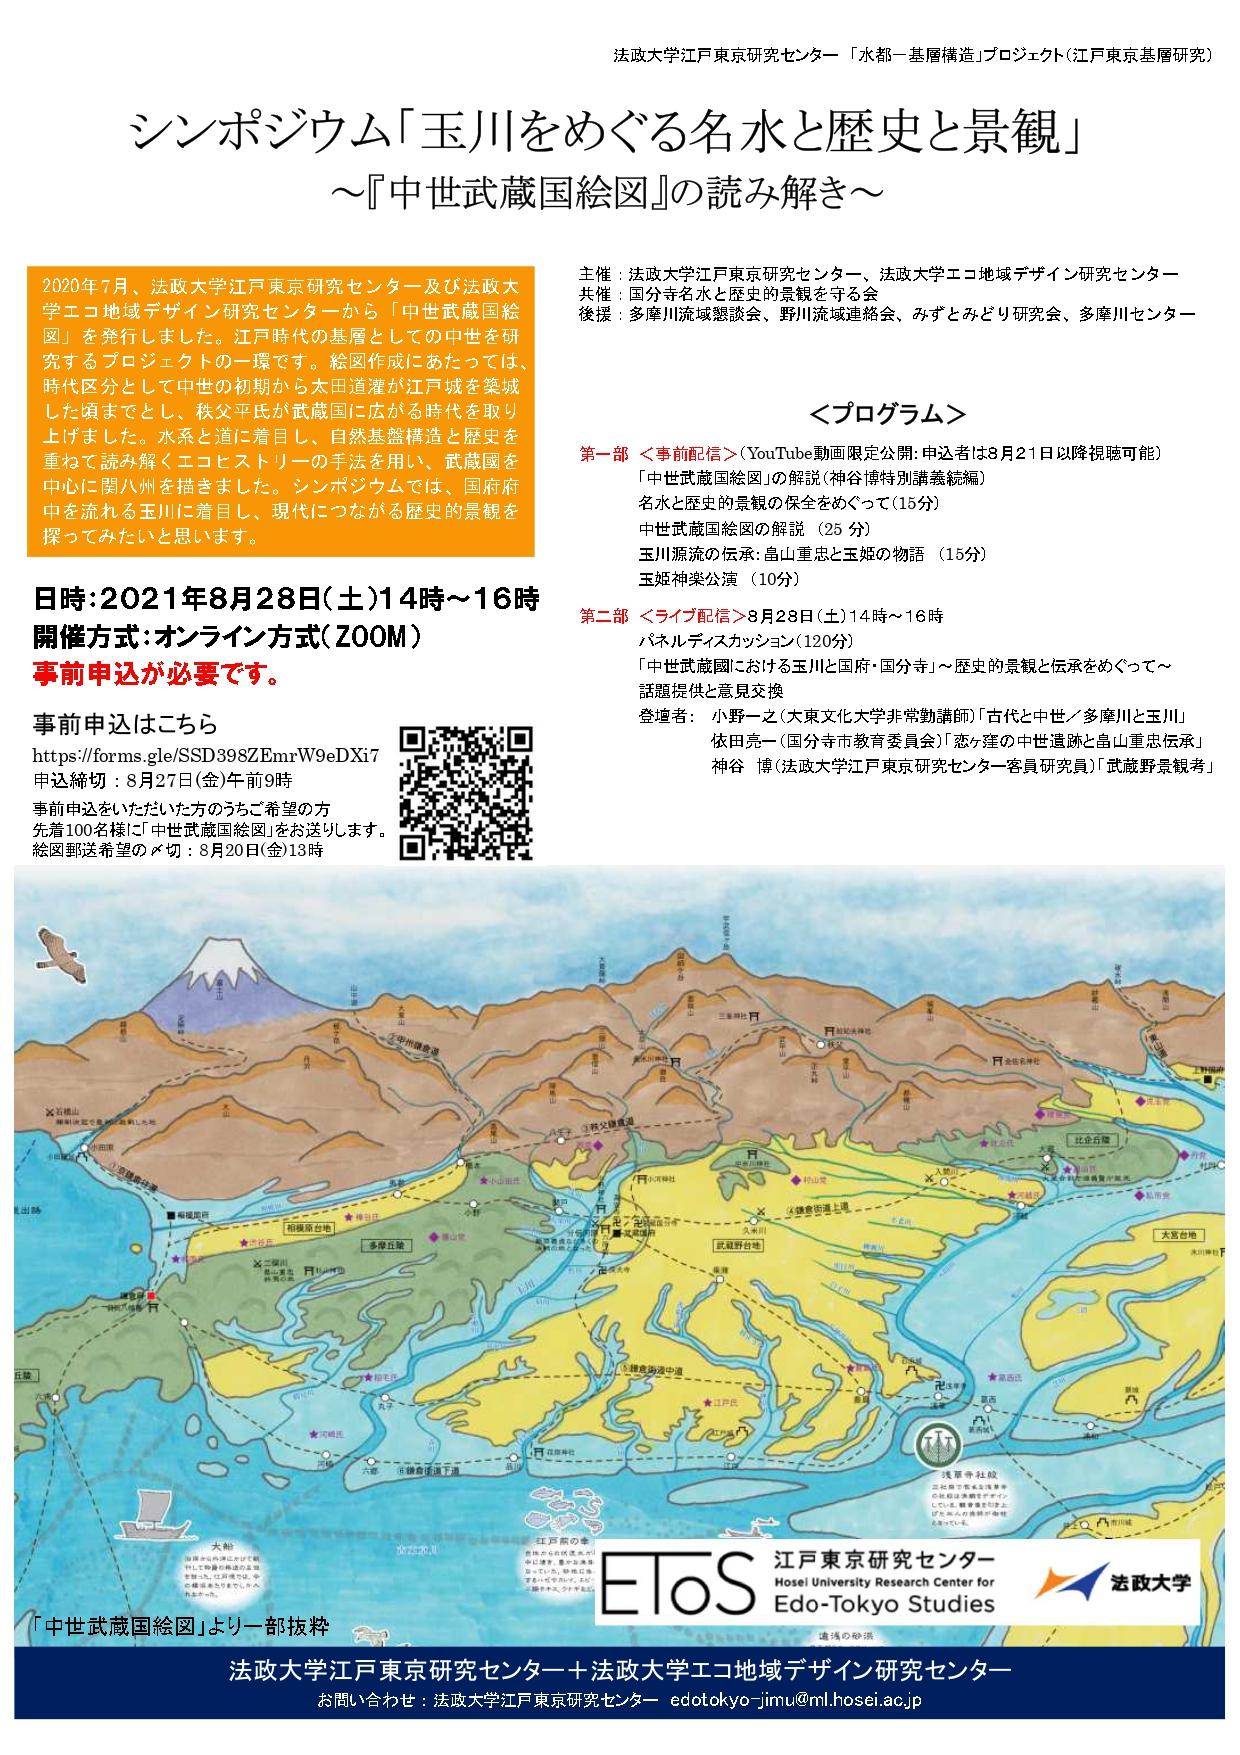 (チラシ)2021.8.28開催シンポジウム「玉川をめぐる名水と歴史と景観」.jpg